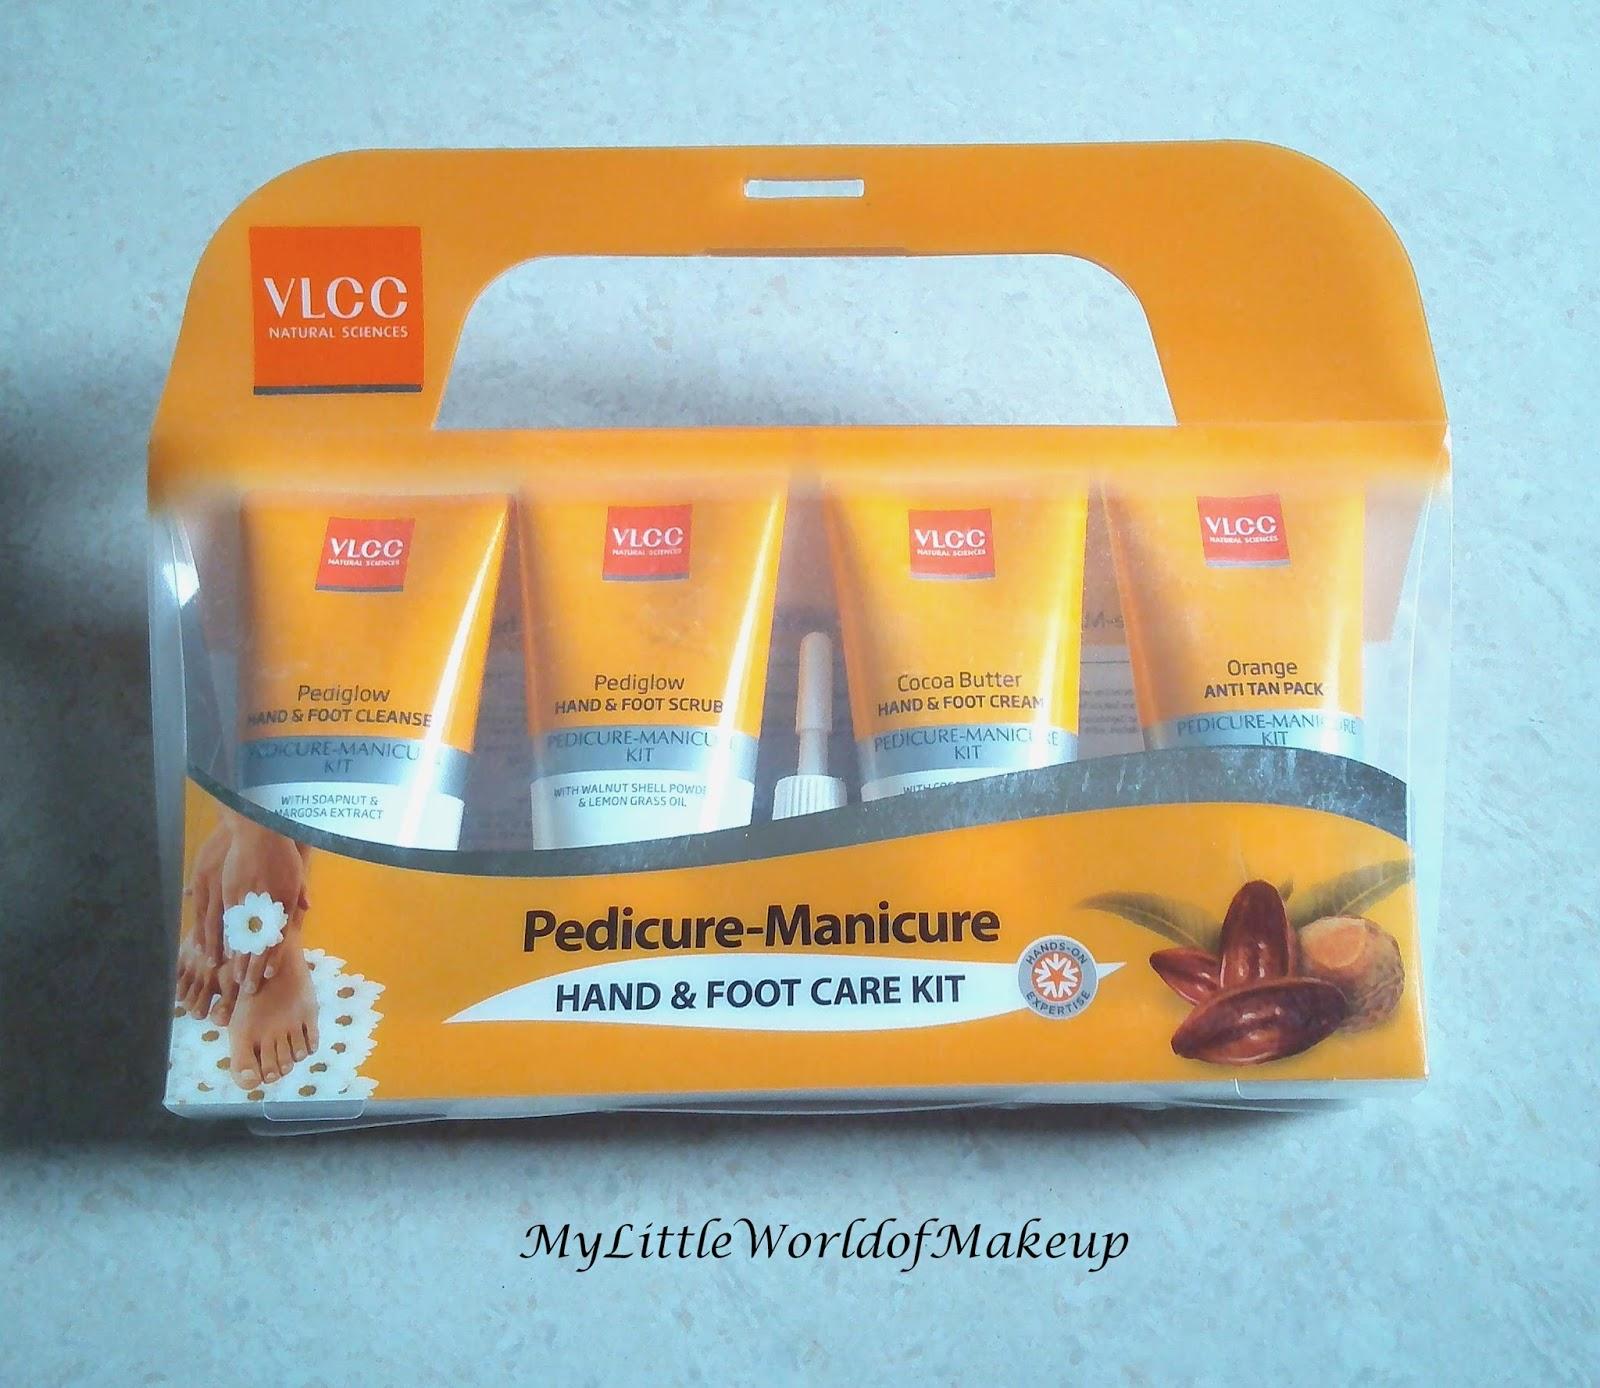 VLCC Pedicure Manicure Kit Review